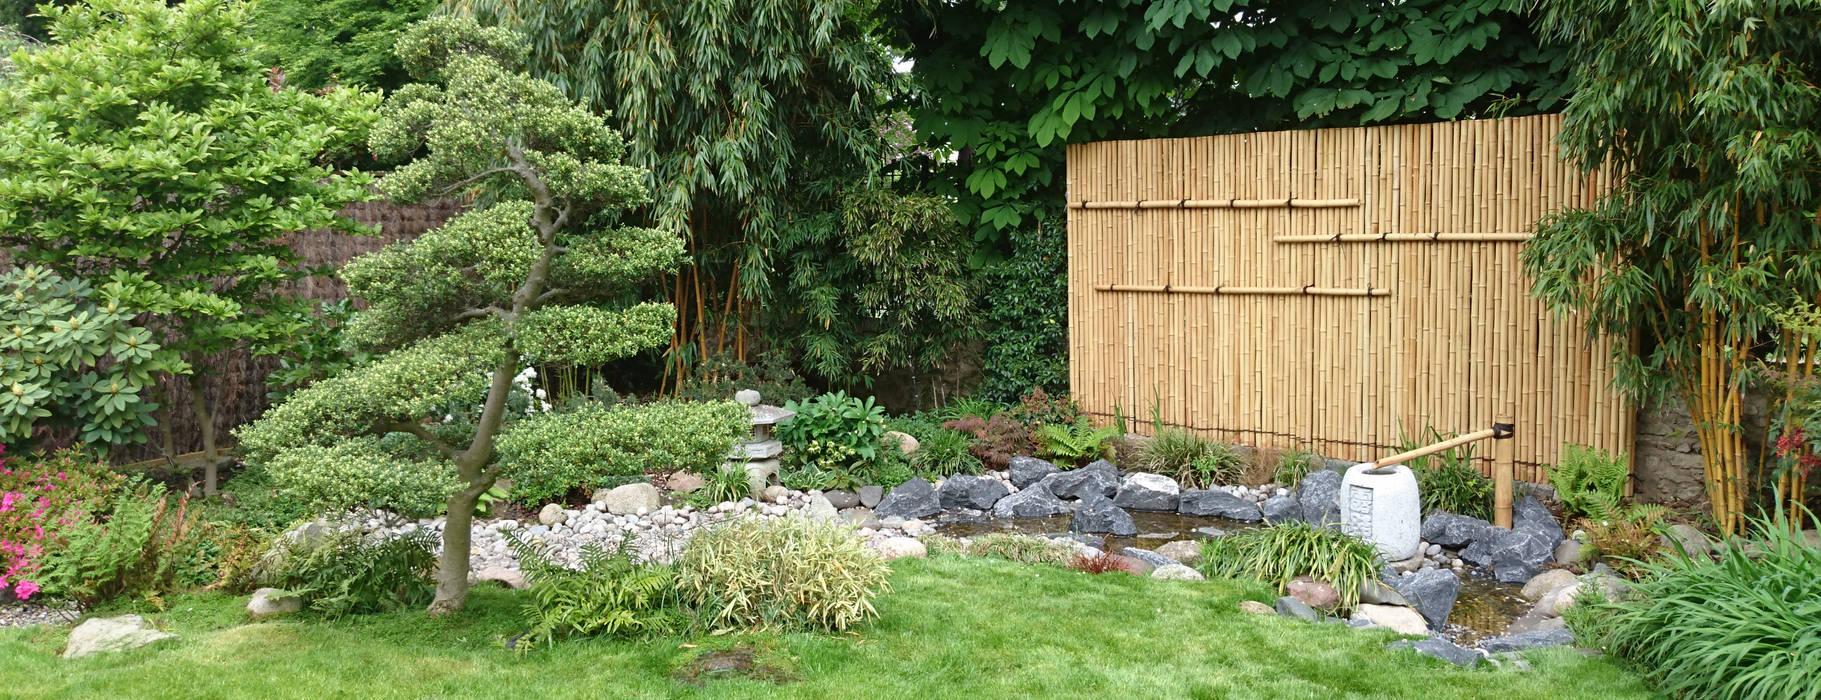 Jardin japonais bassin : jardin de style par jardin japonais | homify